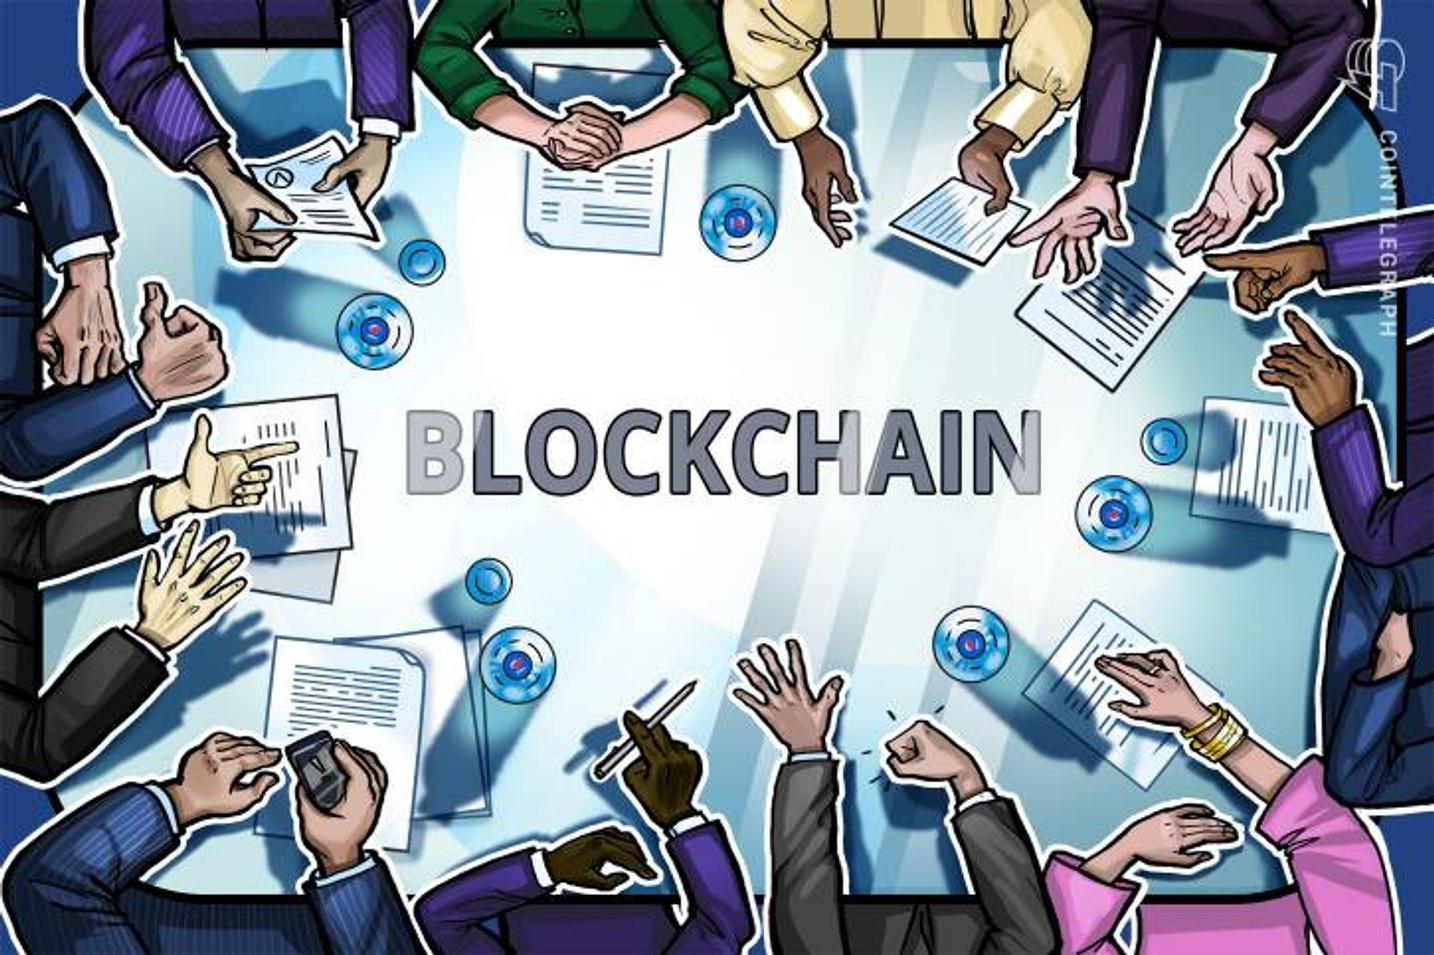 ポストコロナにおけるブロックチェーン活用を検討、新経済連盟と内閣官房IT総合戦略室が官民会合発足